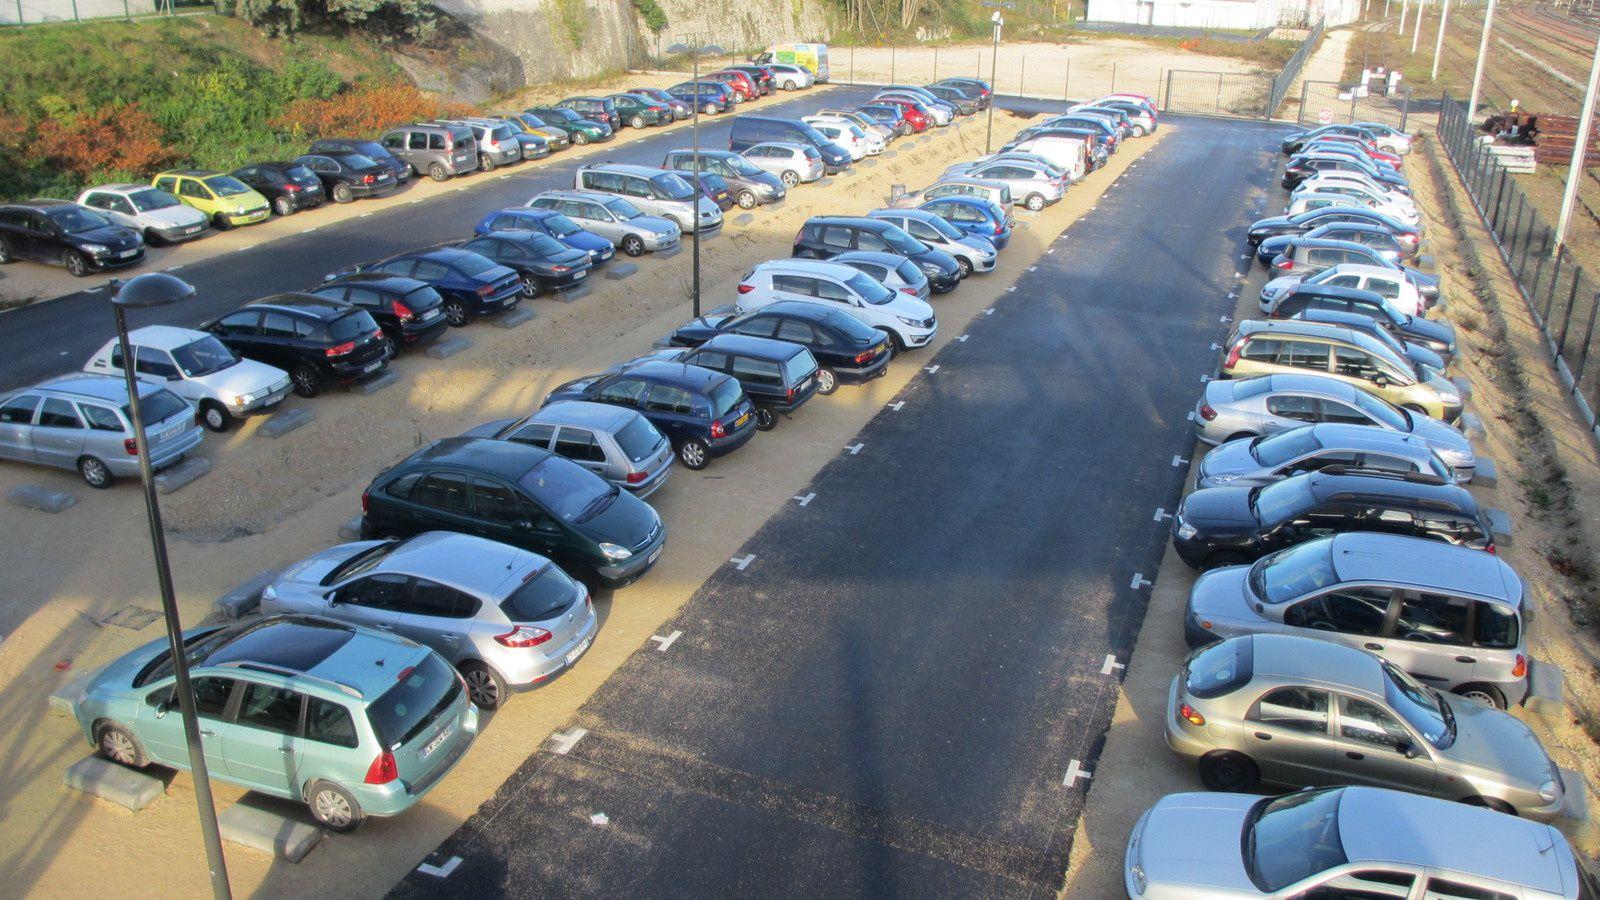 Décembre 2015 : la parking commence a étre sérieusement saturé. Les places finiront par être payantes.